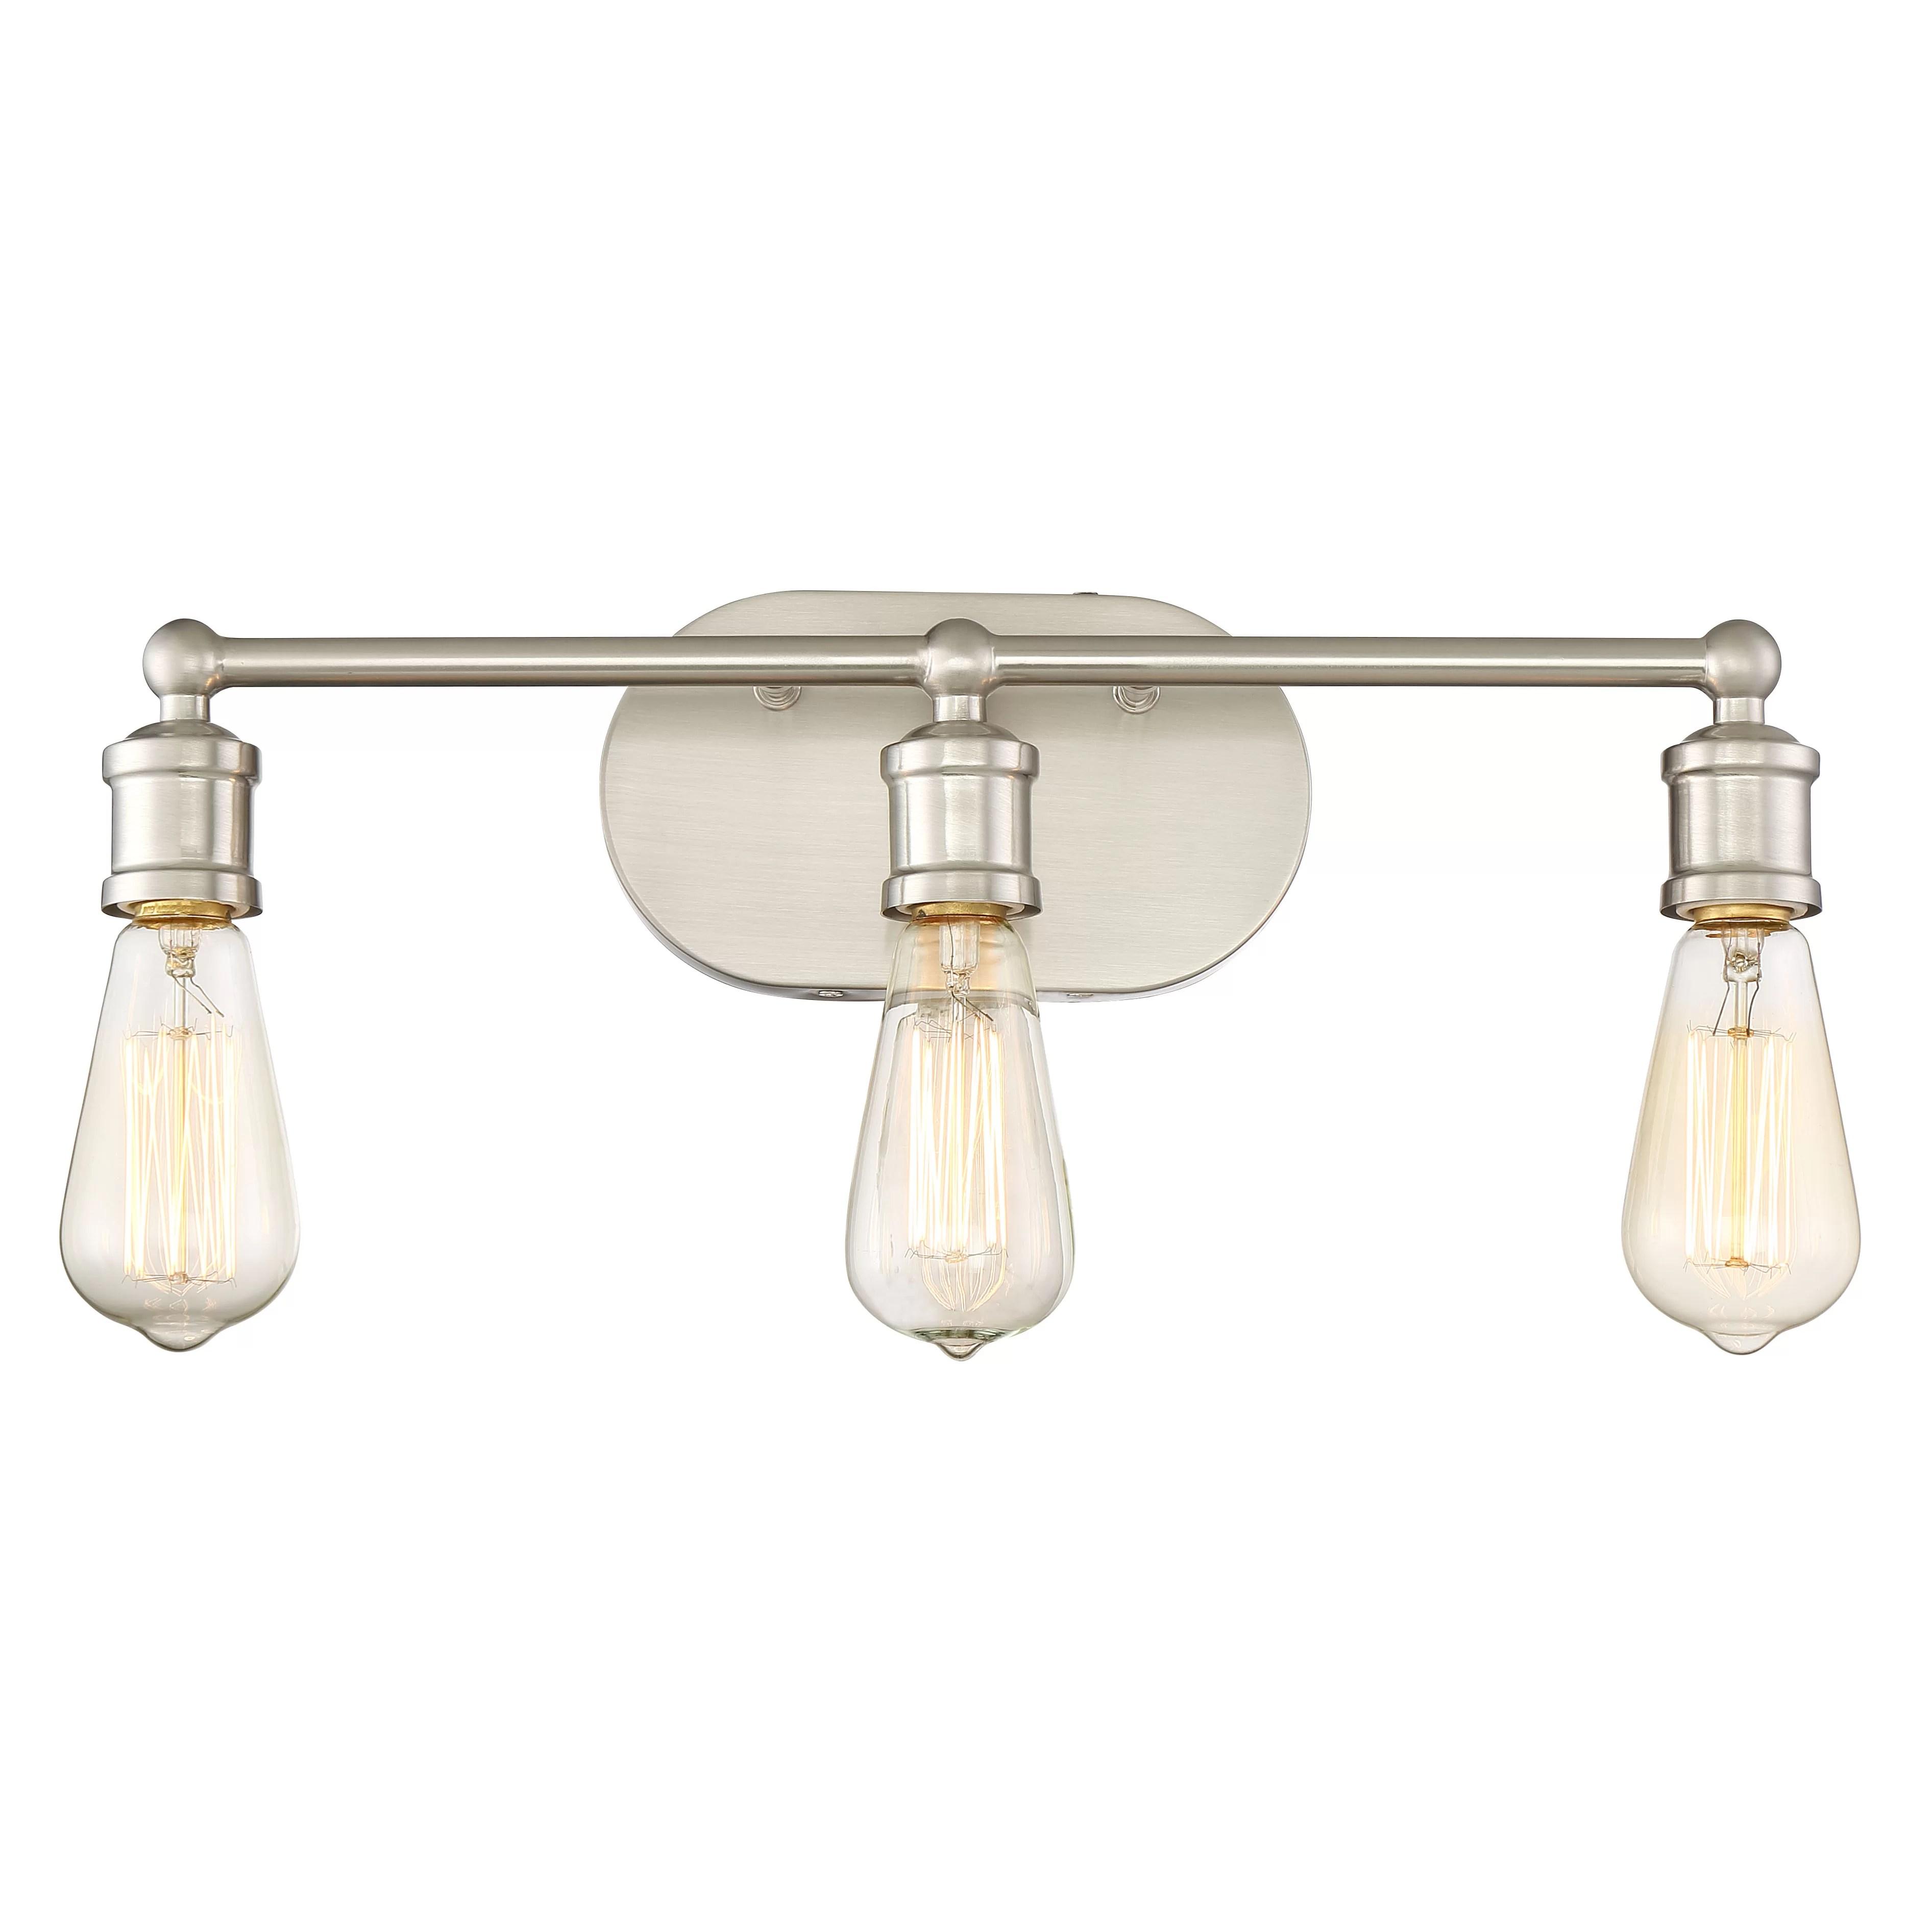 Laurel Foundry Modern Farmhouse Agave 3 Light Vanity Light ... on Wayfair Bathroom Sconces id=60636